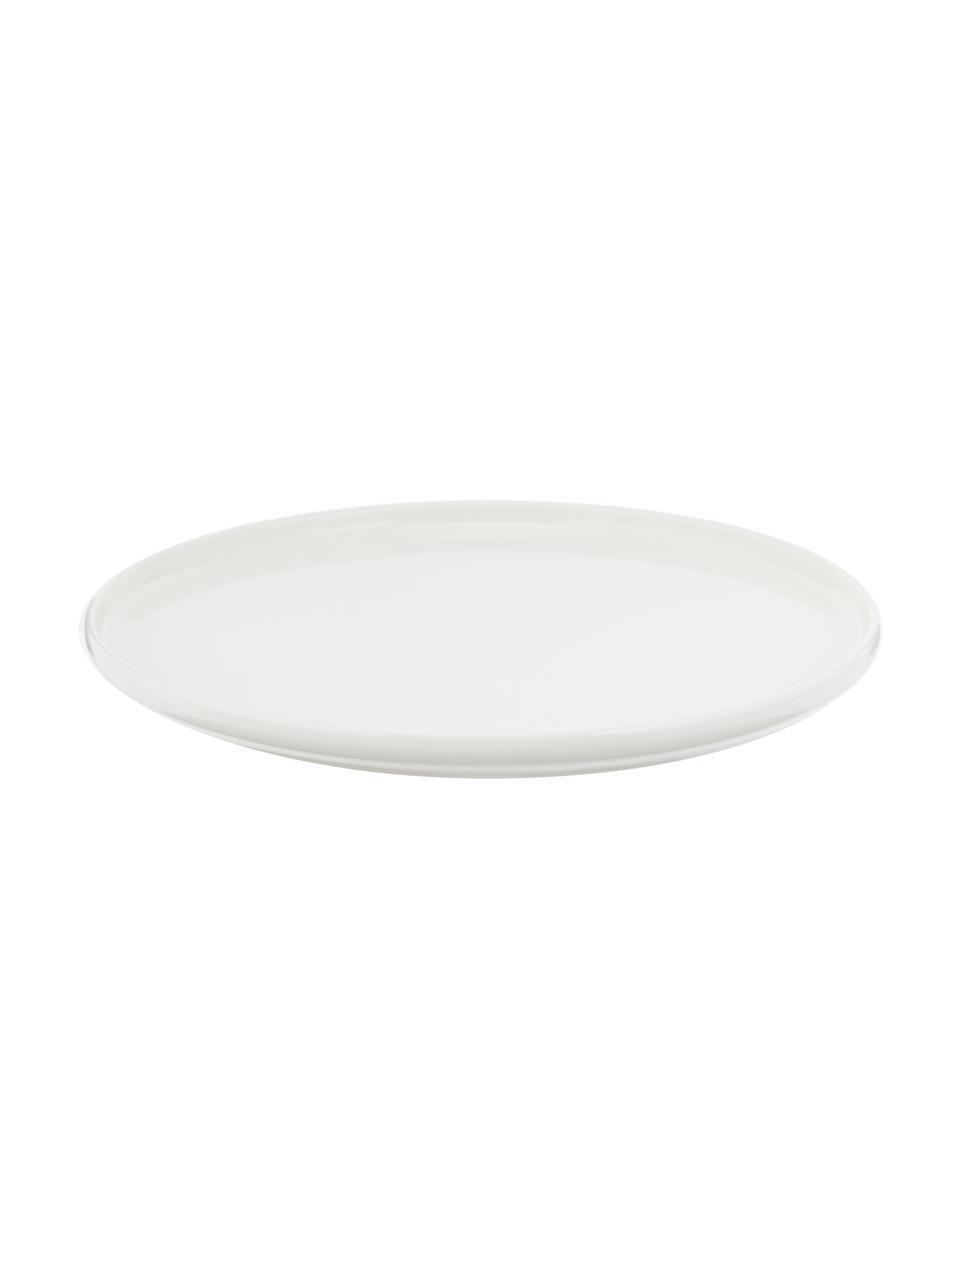 Piattino da dessert Fine Bone China  Oco 6 pz, Porcellana Fine Bone China Fine Bone China è una porcellana delicata che si distingue particolarmente per la sua lucentezza radiosa., Avorio, Ø 21 cm